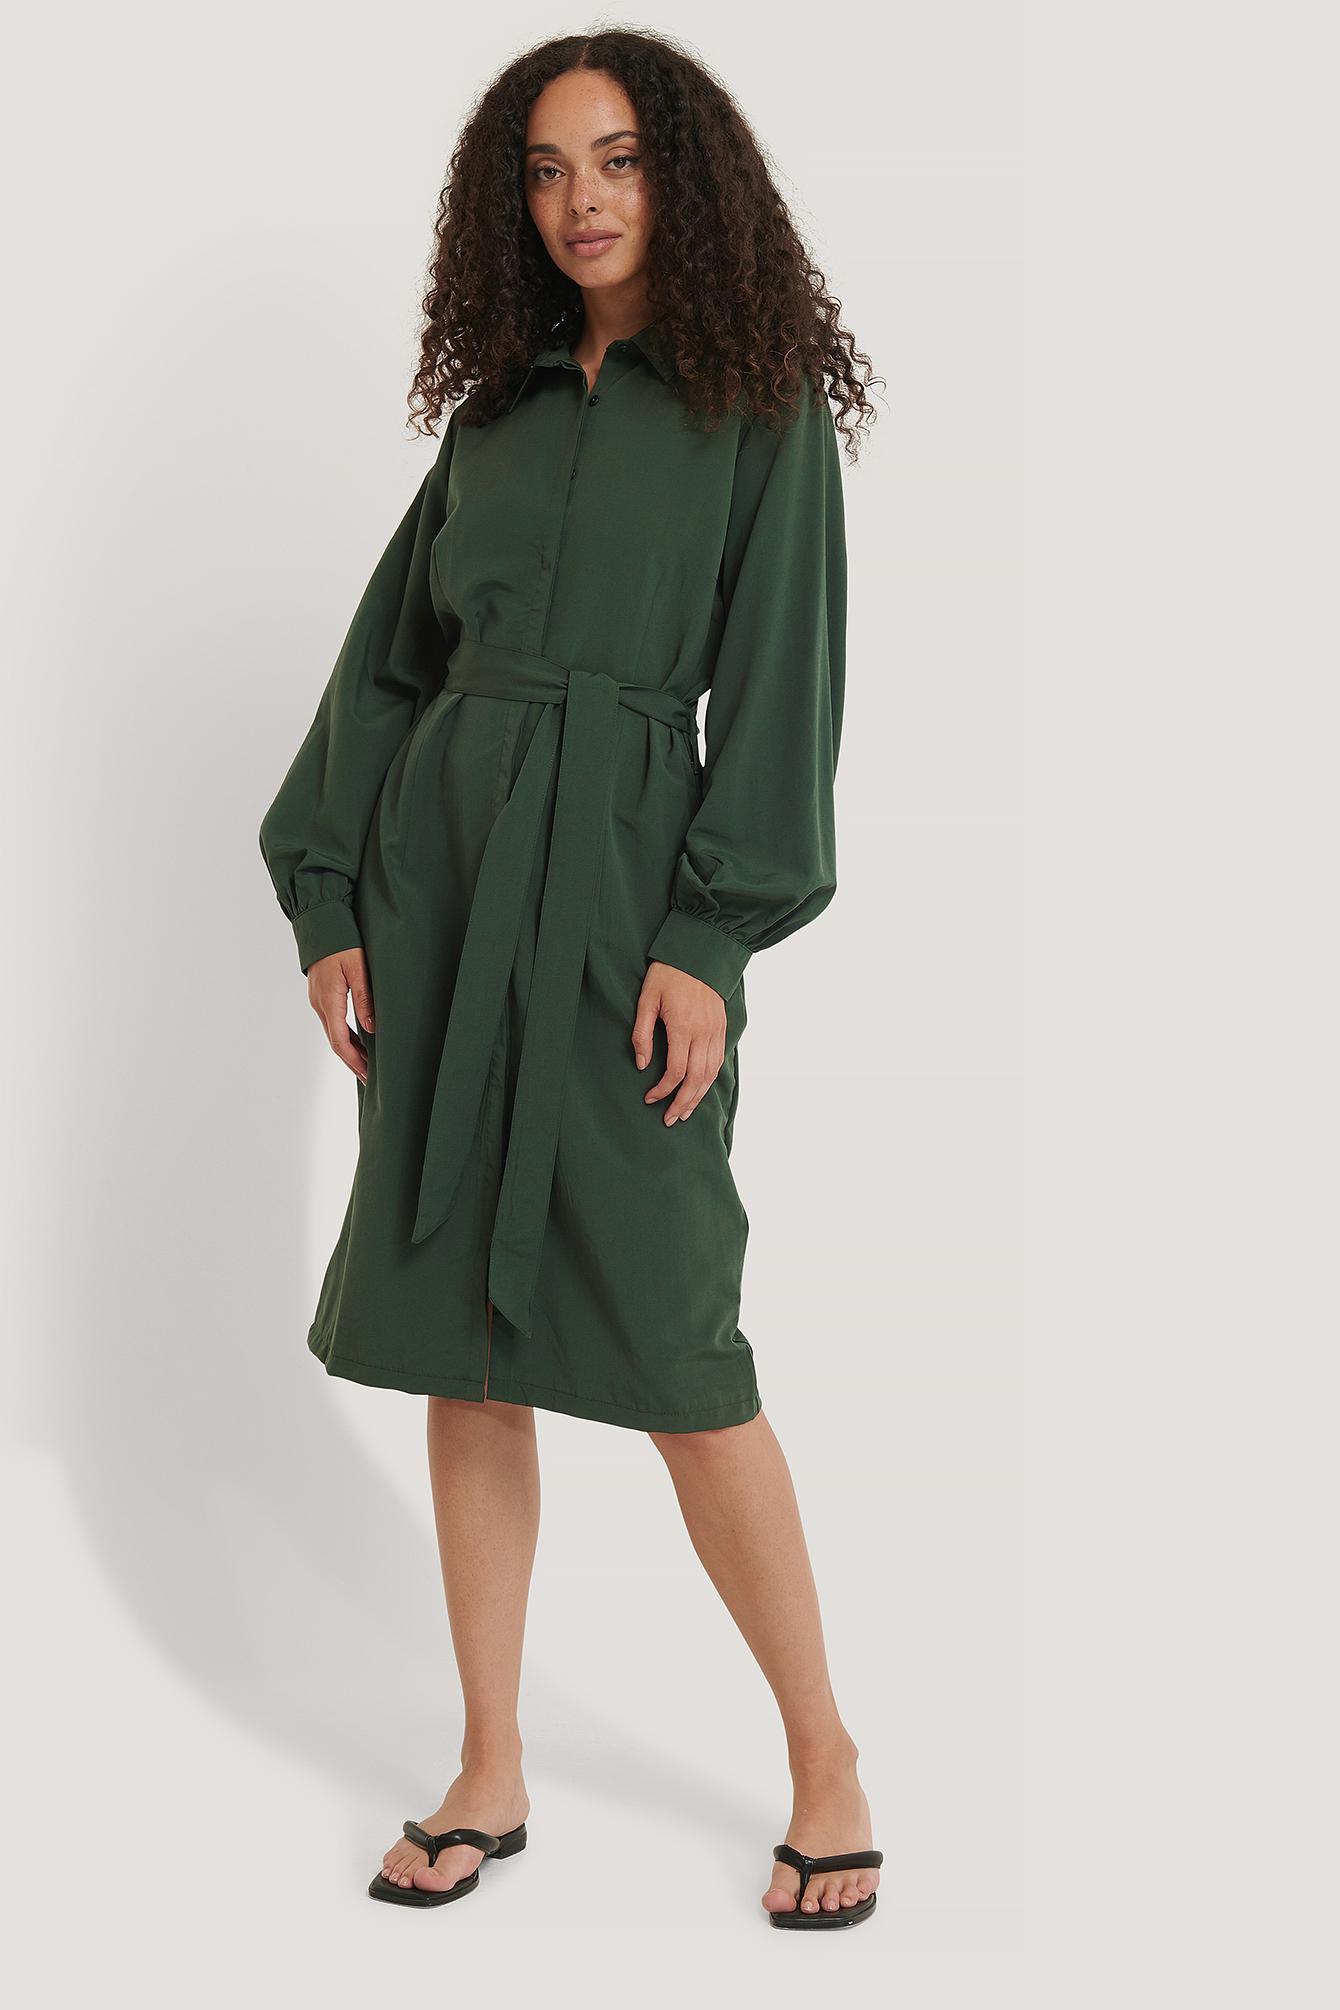 NA-KD Hemdkleid Mit Ballonärmeln - Green | Bekleidung > Kleider > Blusenkleider | NA-KD